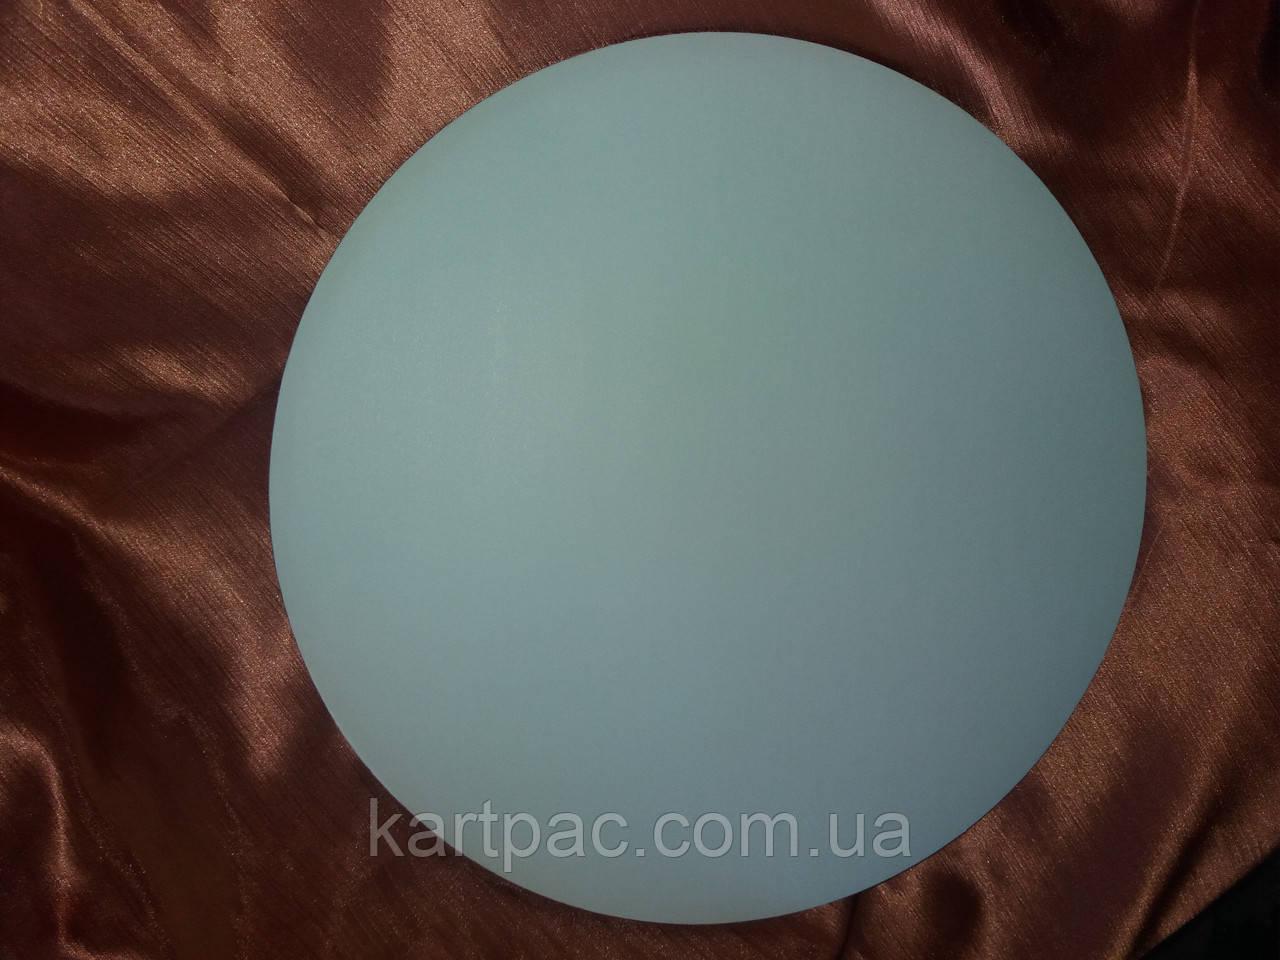 Подложка для тортов усиленная диаметр 350 мм